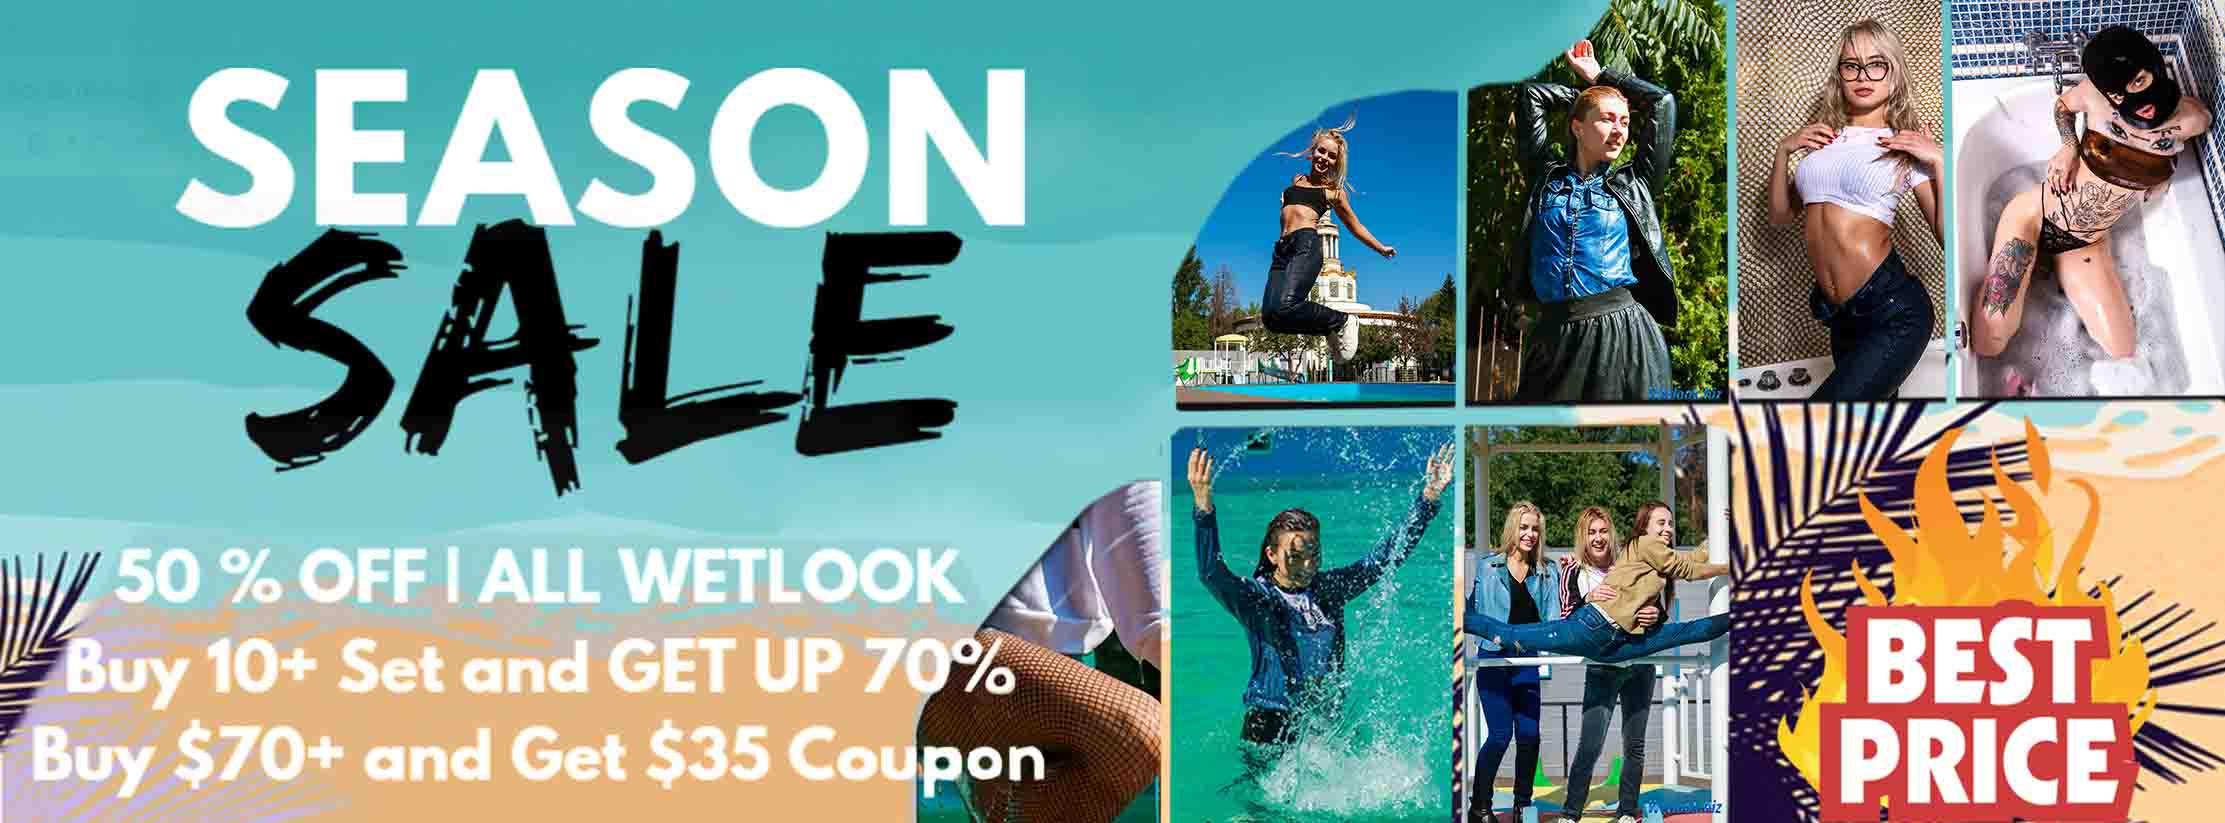 Wetlook season sale - wetlook.biz